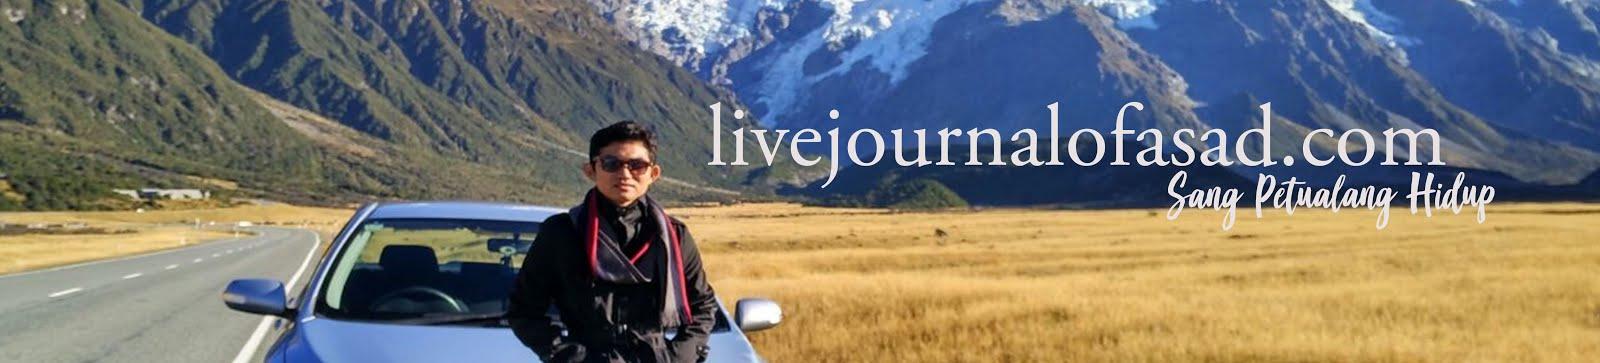 livejournalofasad.com